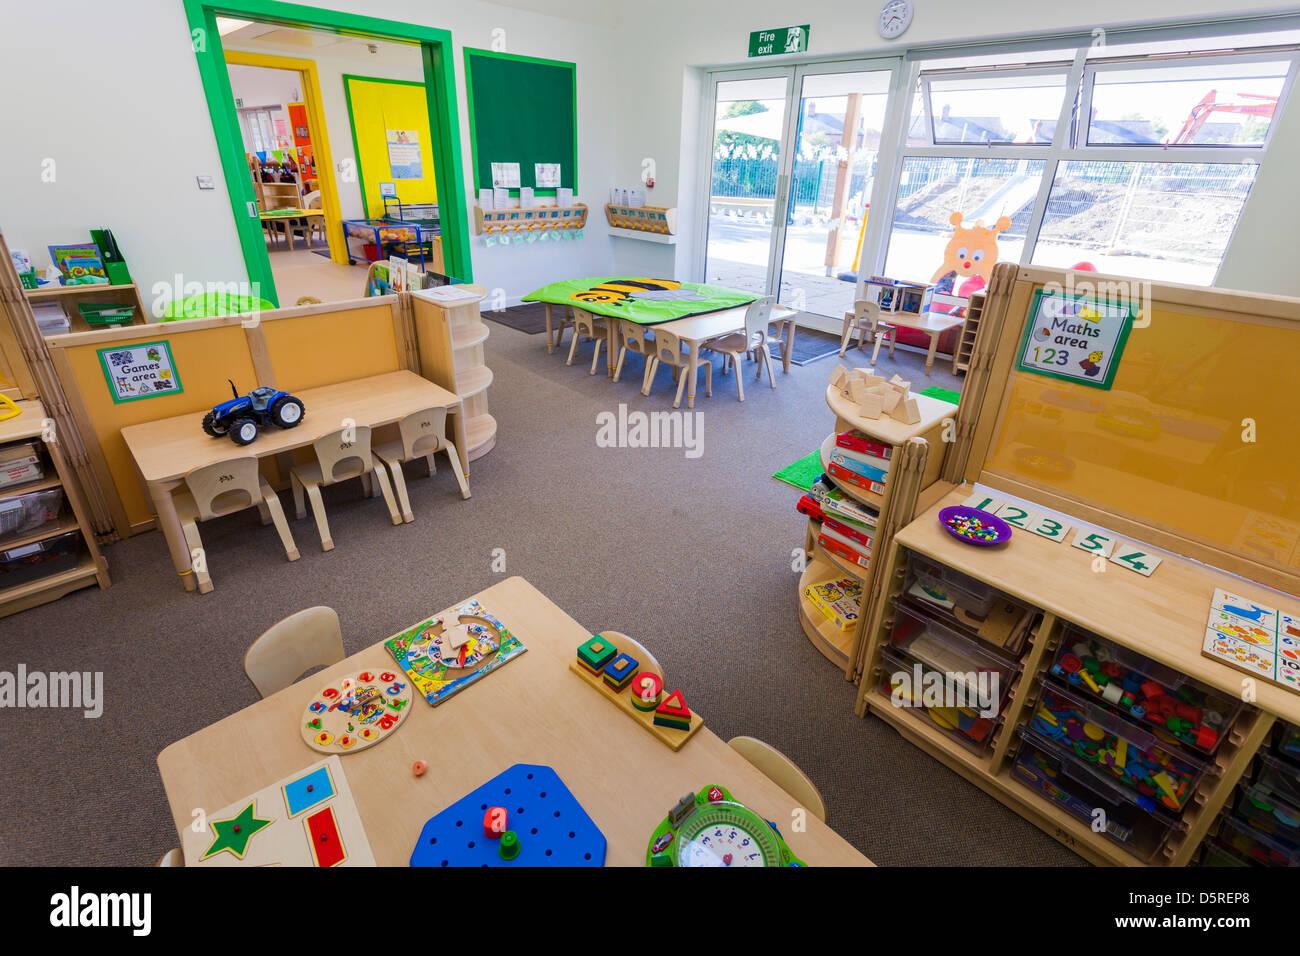 Whitley Park Nursery School classe infantile inoccupé Banque D'Images